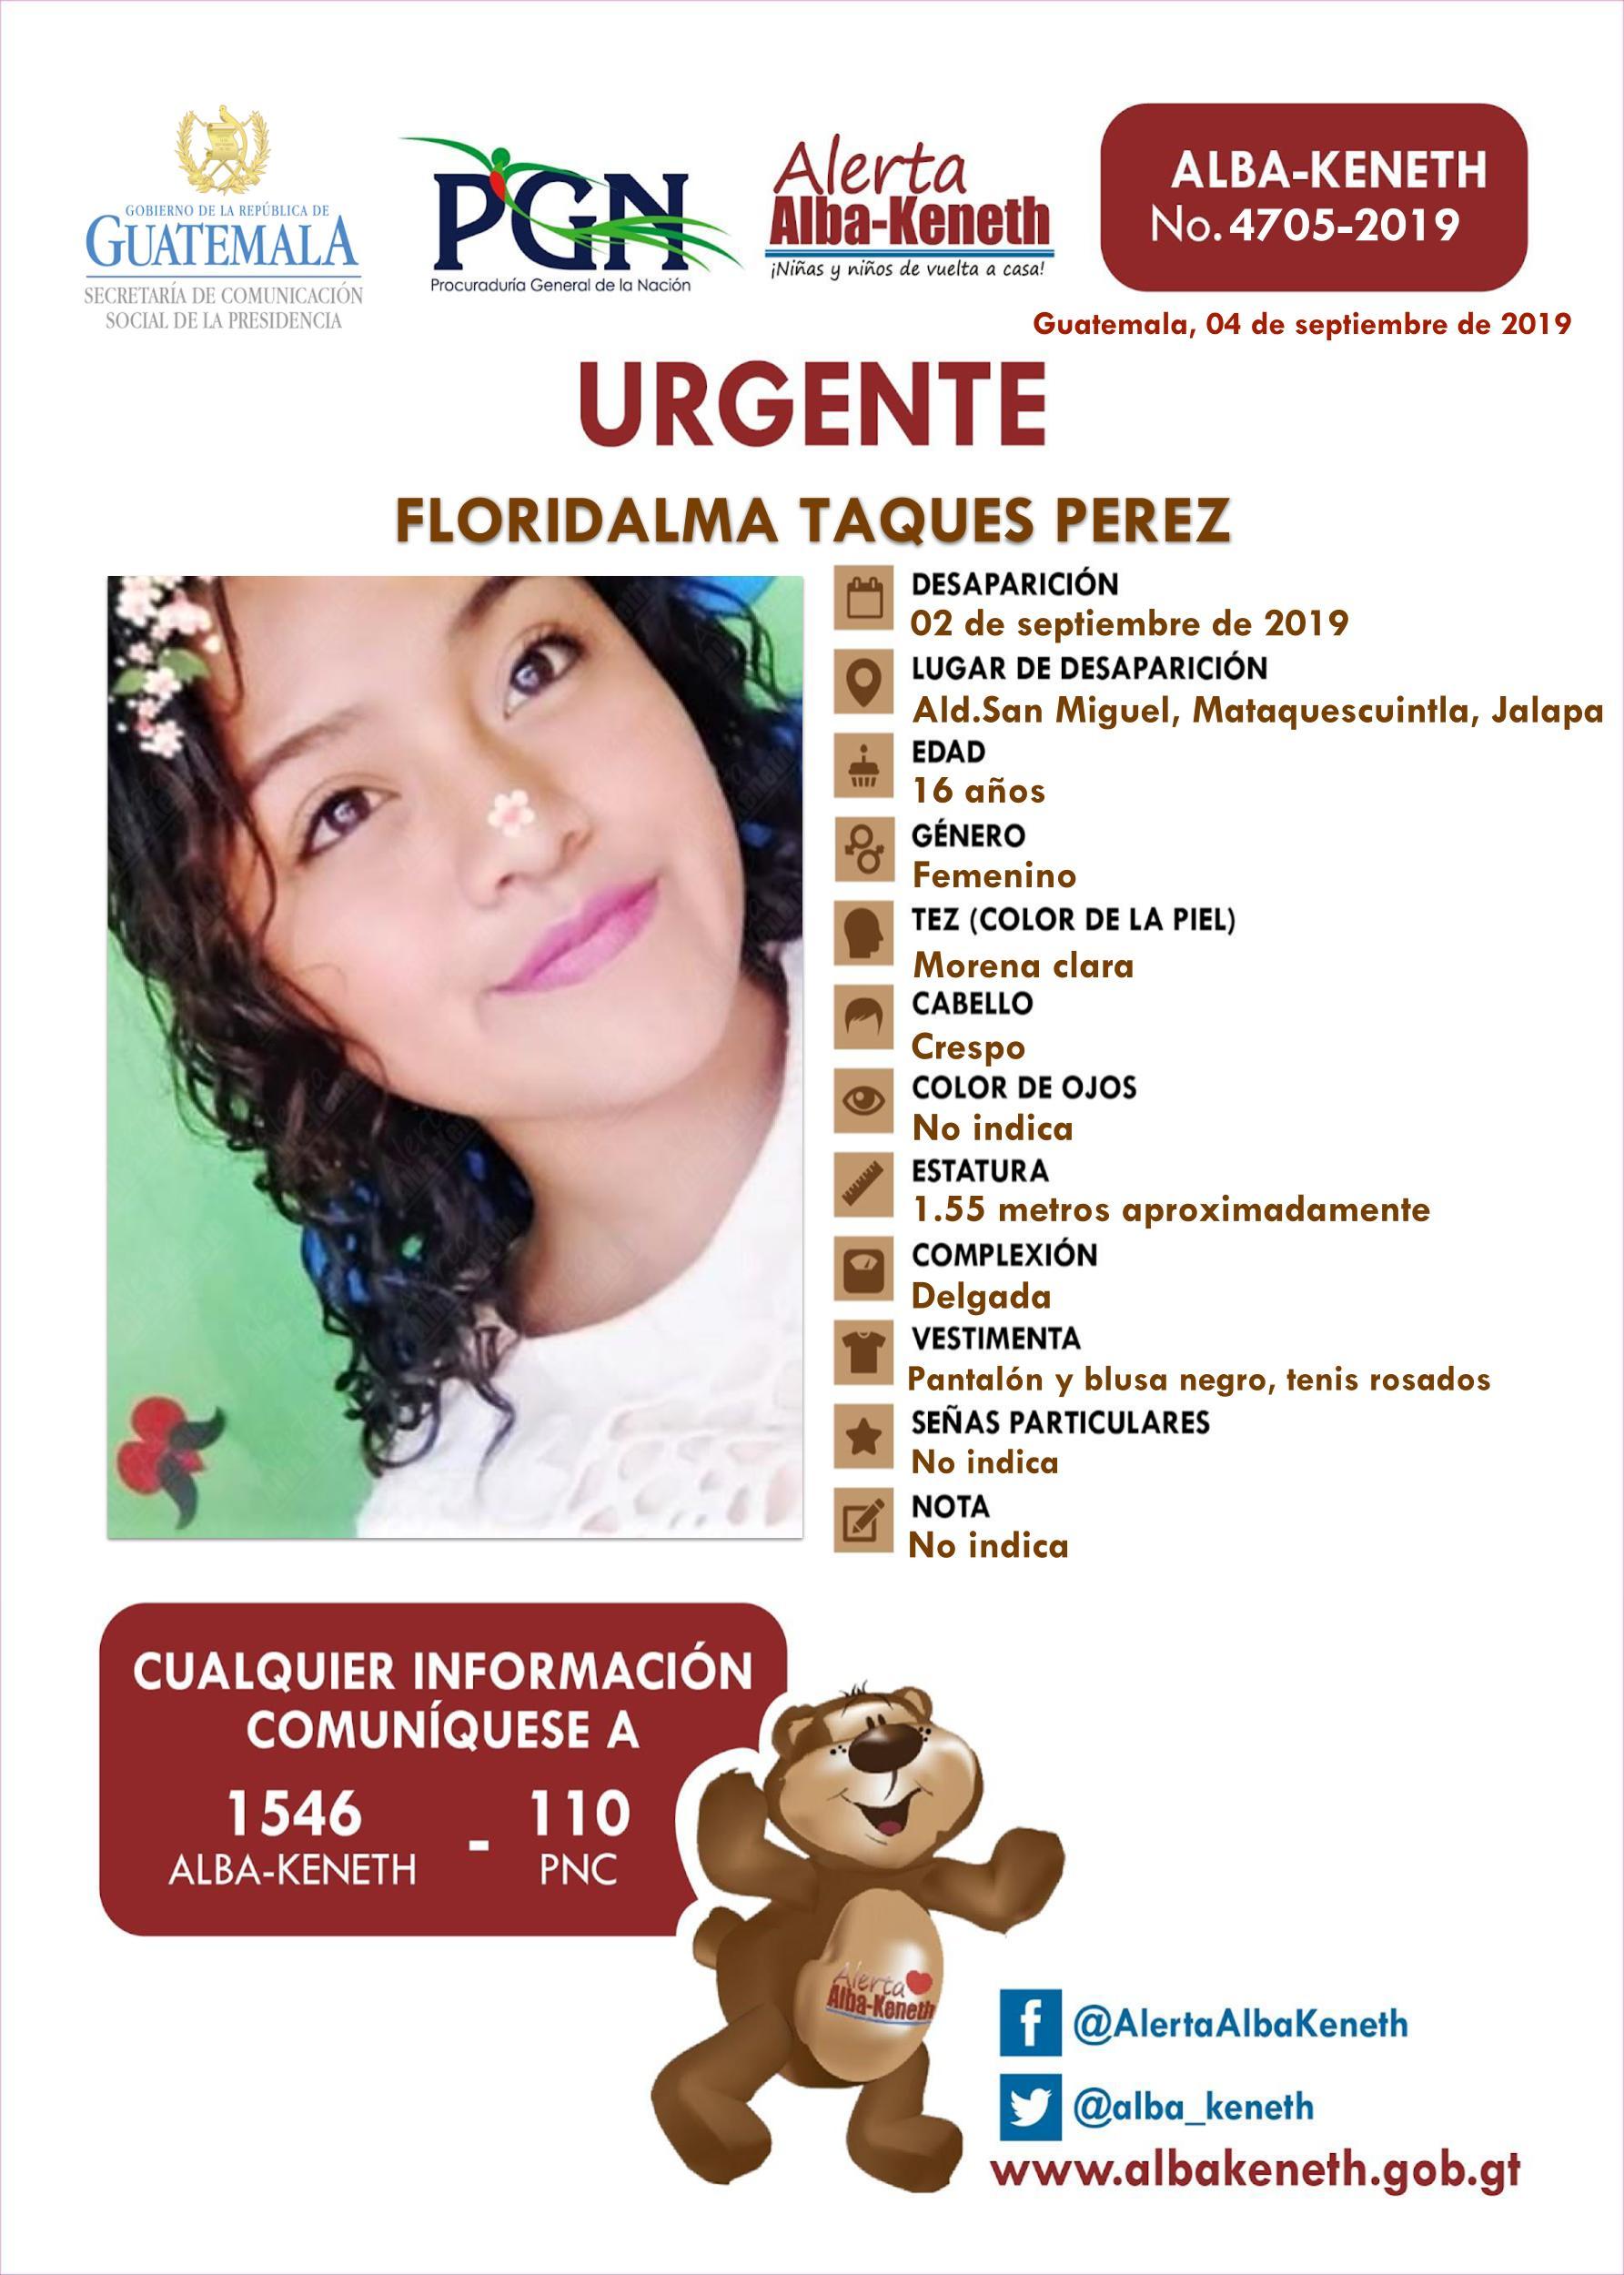 Floridalma Taques Perez